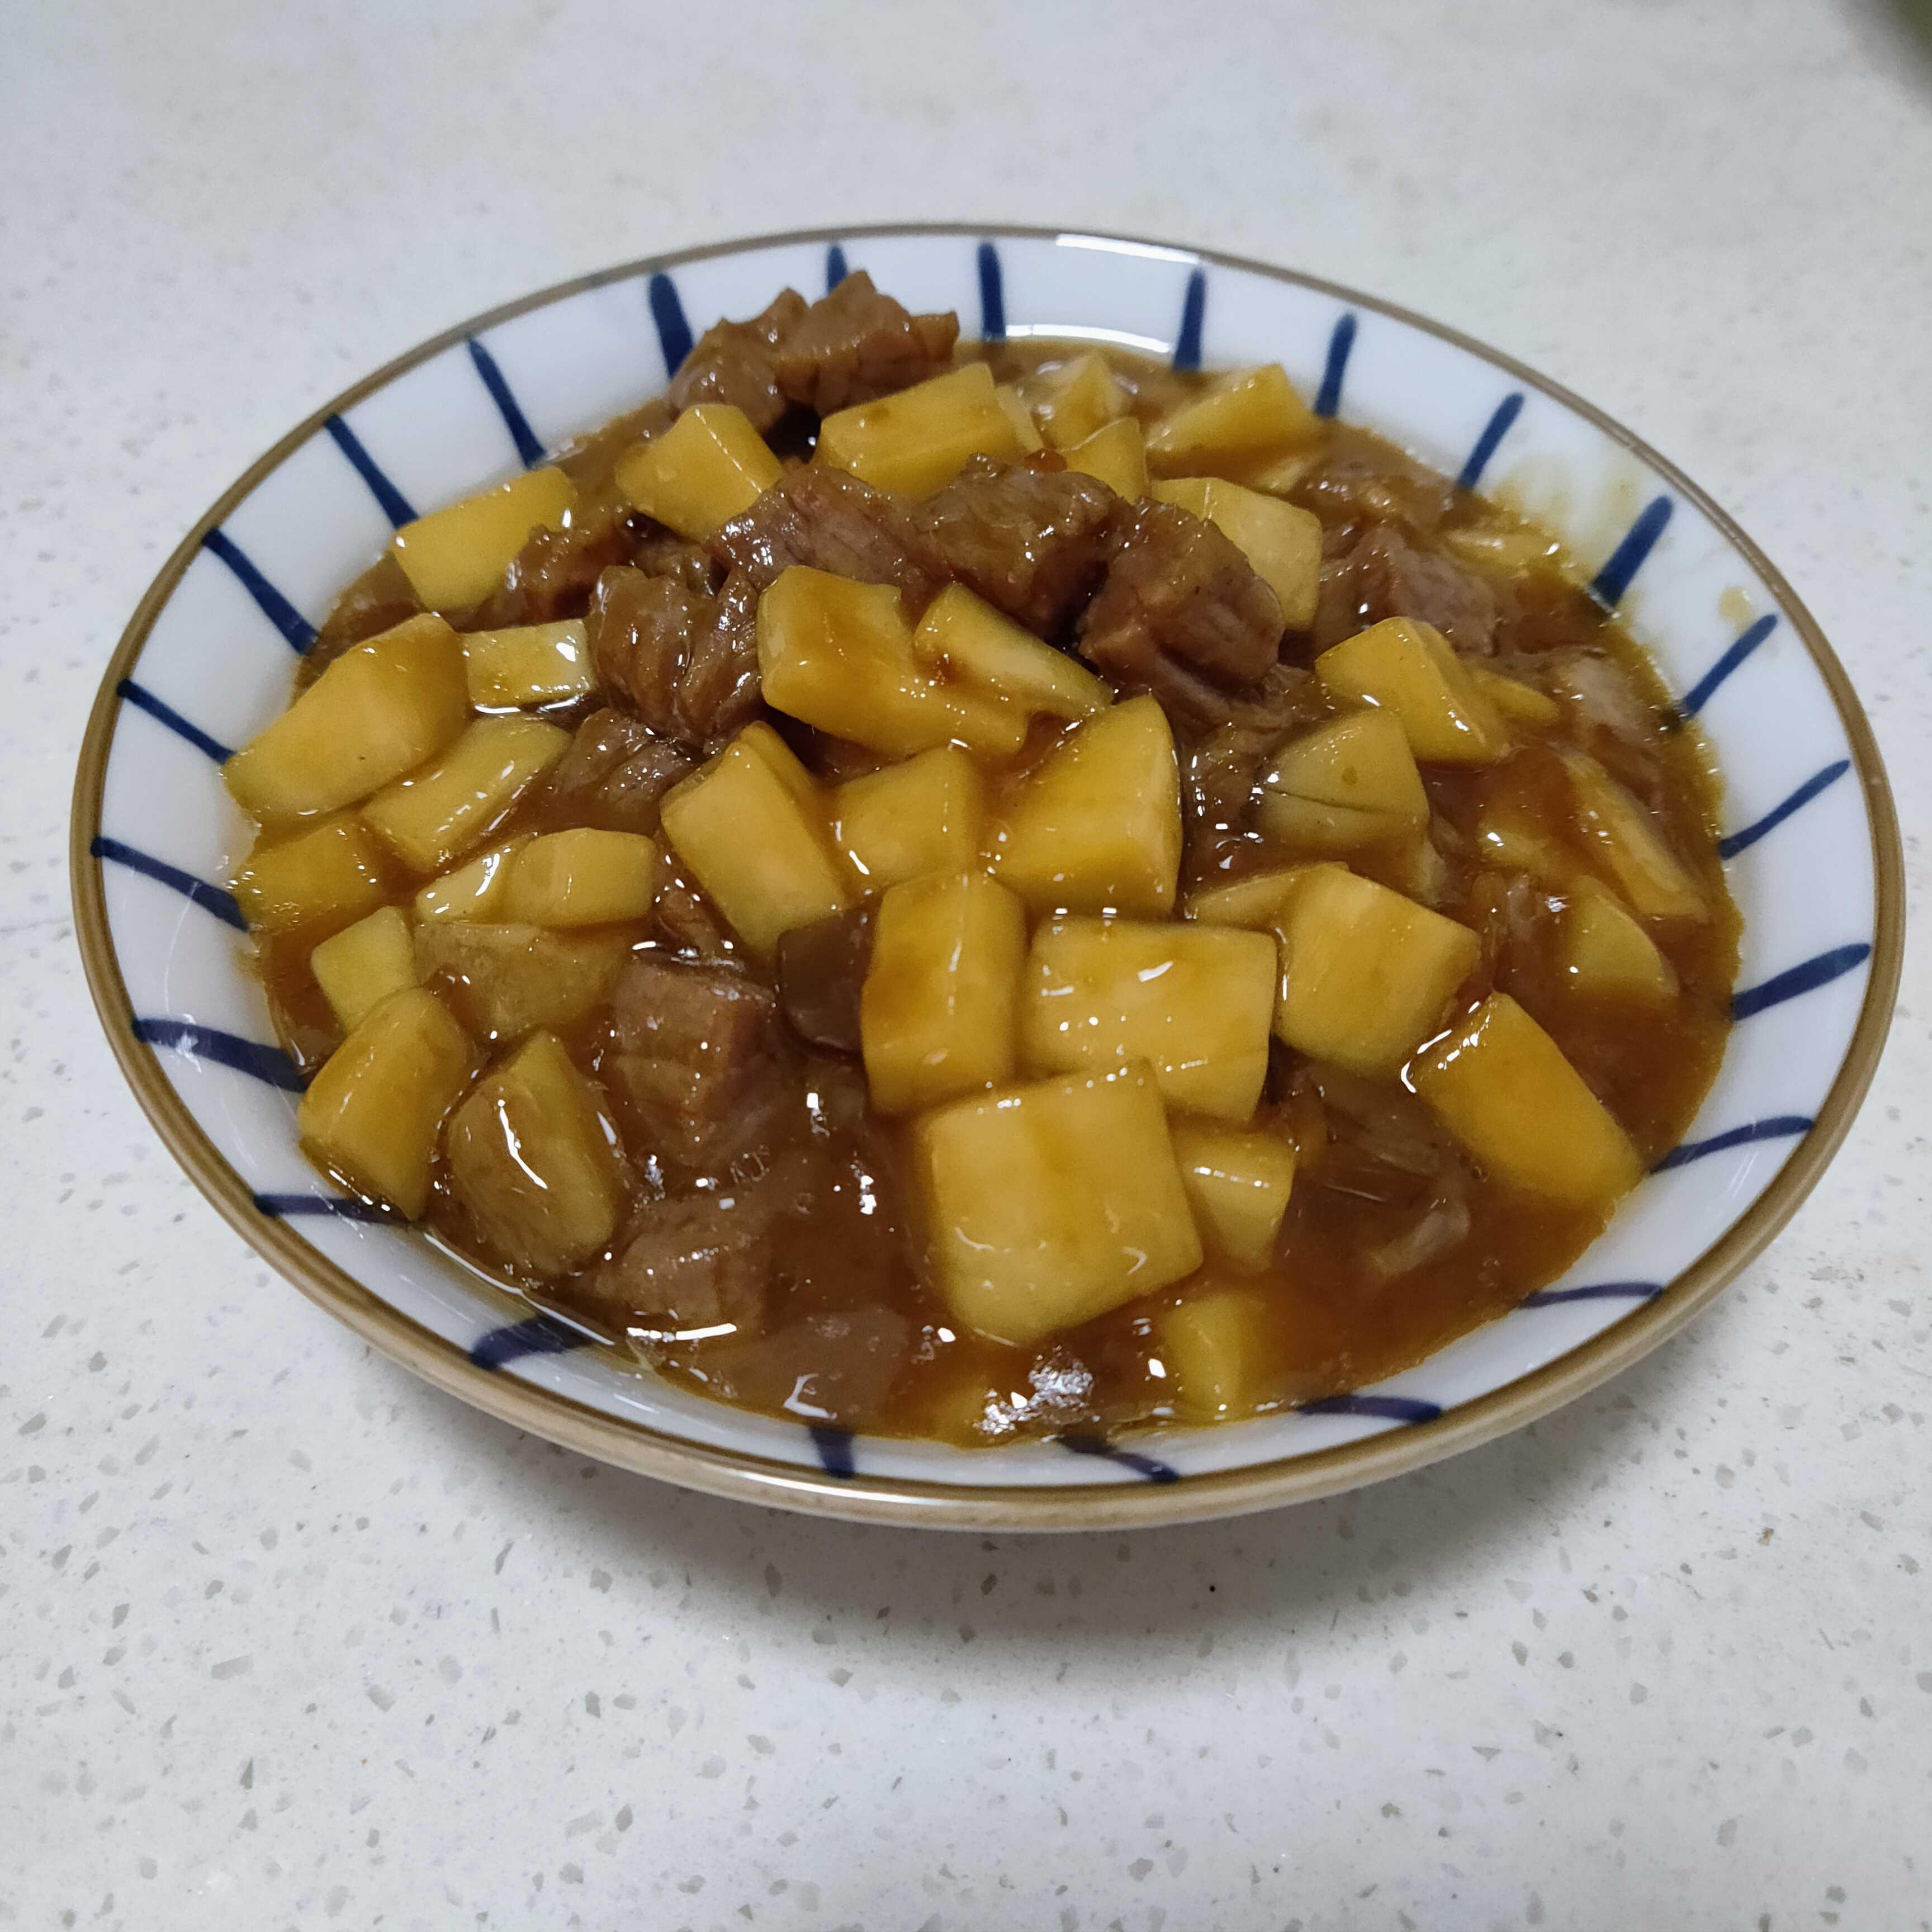 杏鲍菇炒牛肉粒怎么炒